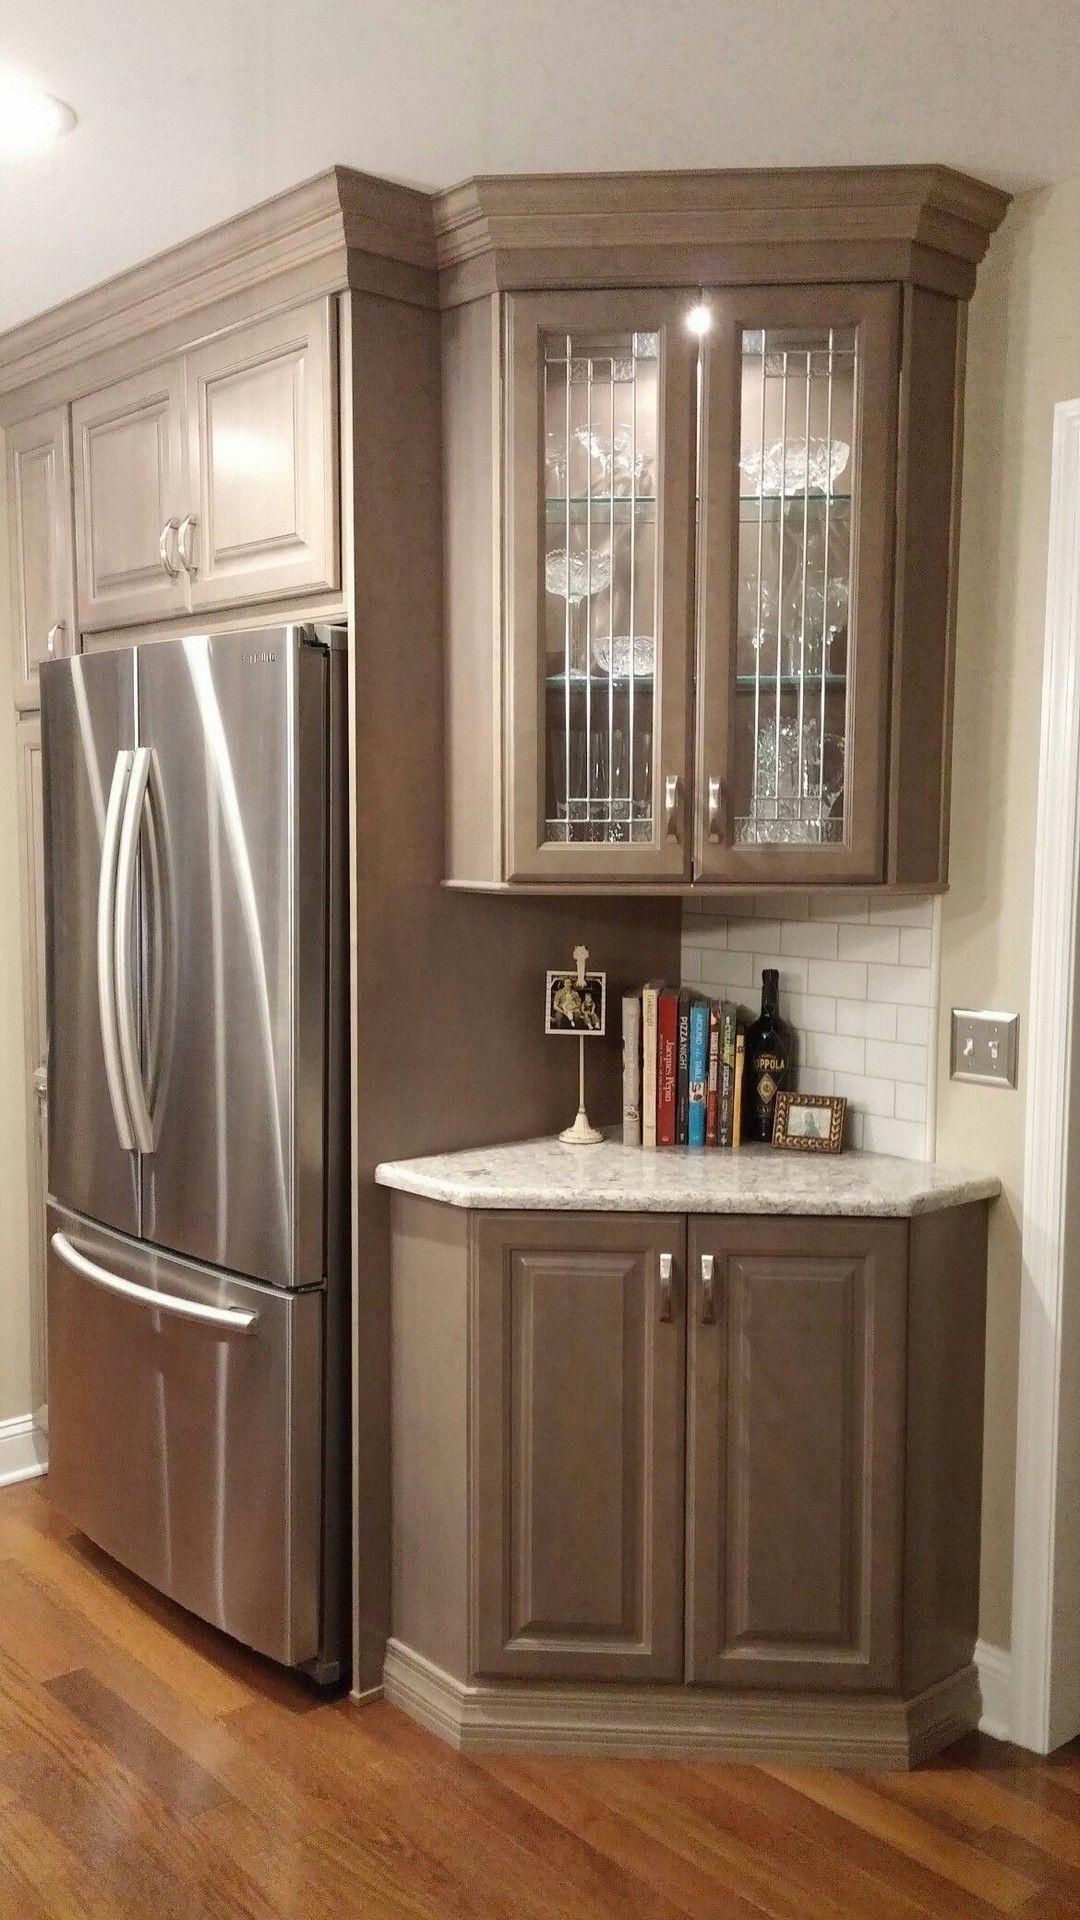 45 Gorgeous Corner Cabinet Storage Ideas For Your Kitchen Diy Kitchen Remodel Kitchen Cabinets Home Kitchens